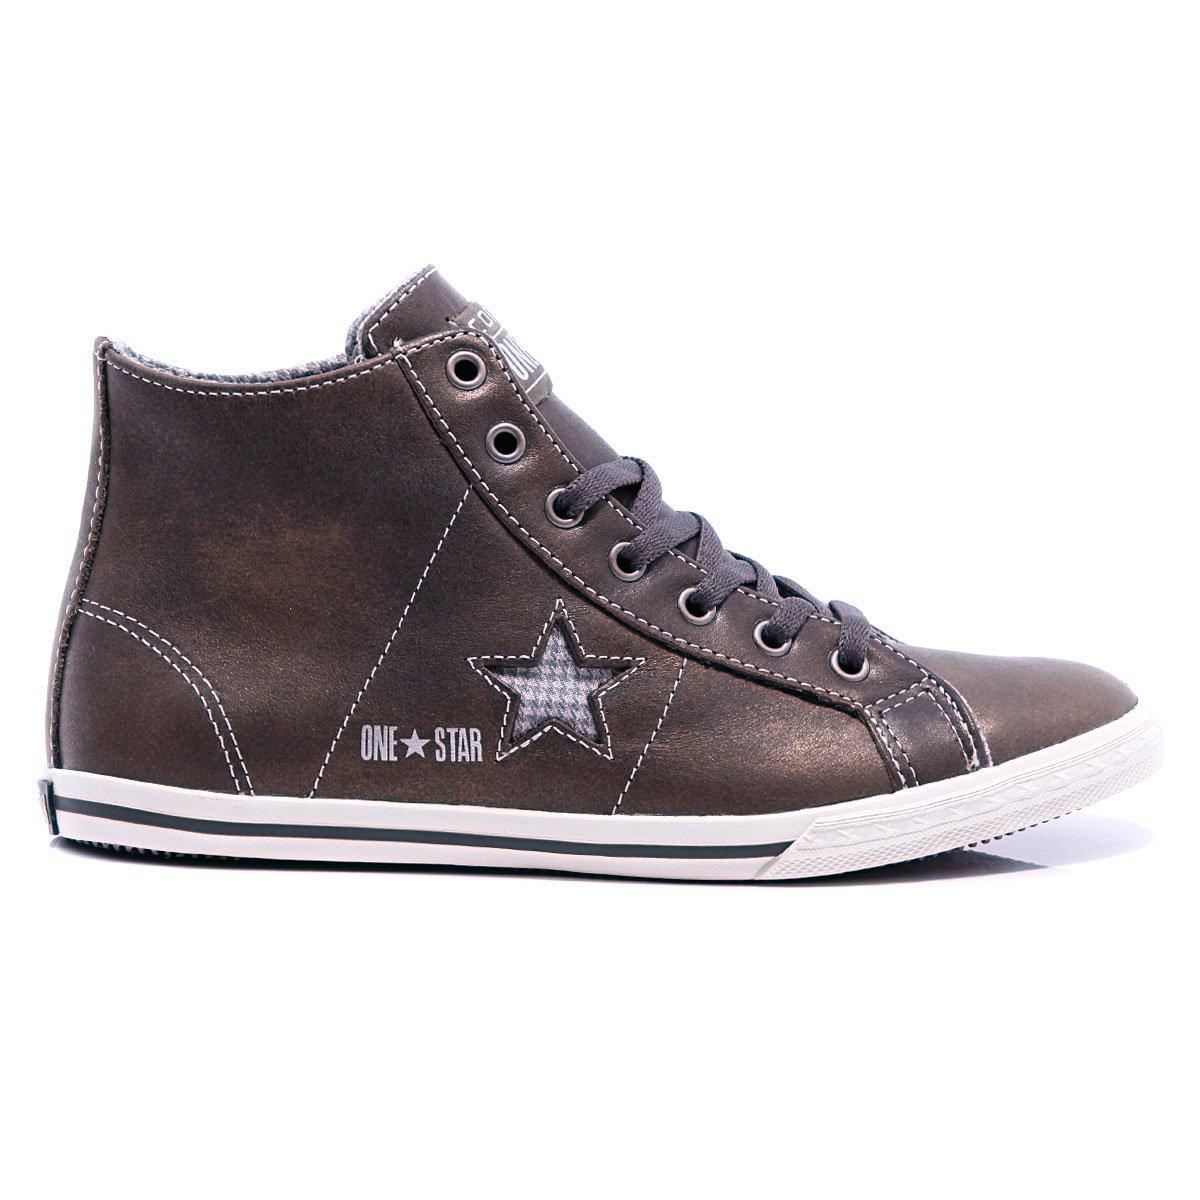 19c89f8c3bb4 Купить кеды высокие Converse One Star Lo Pro Mid Pewter ...